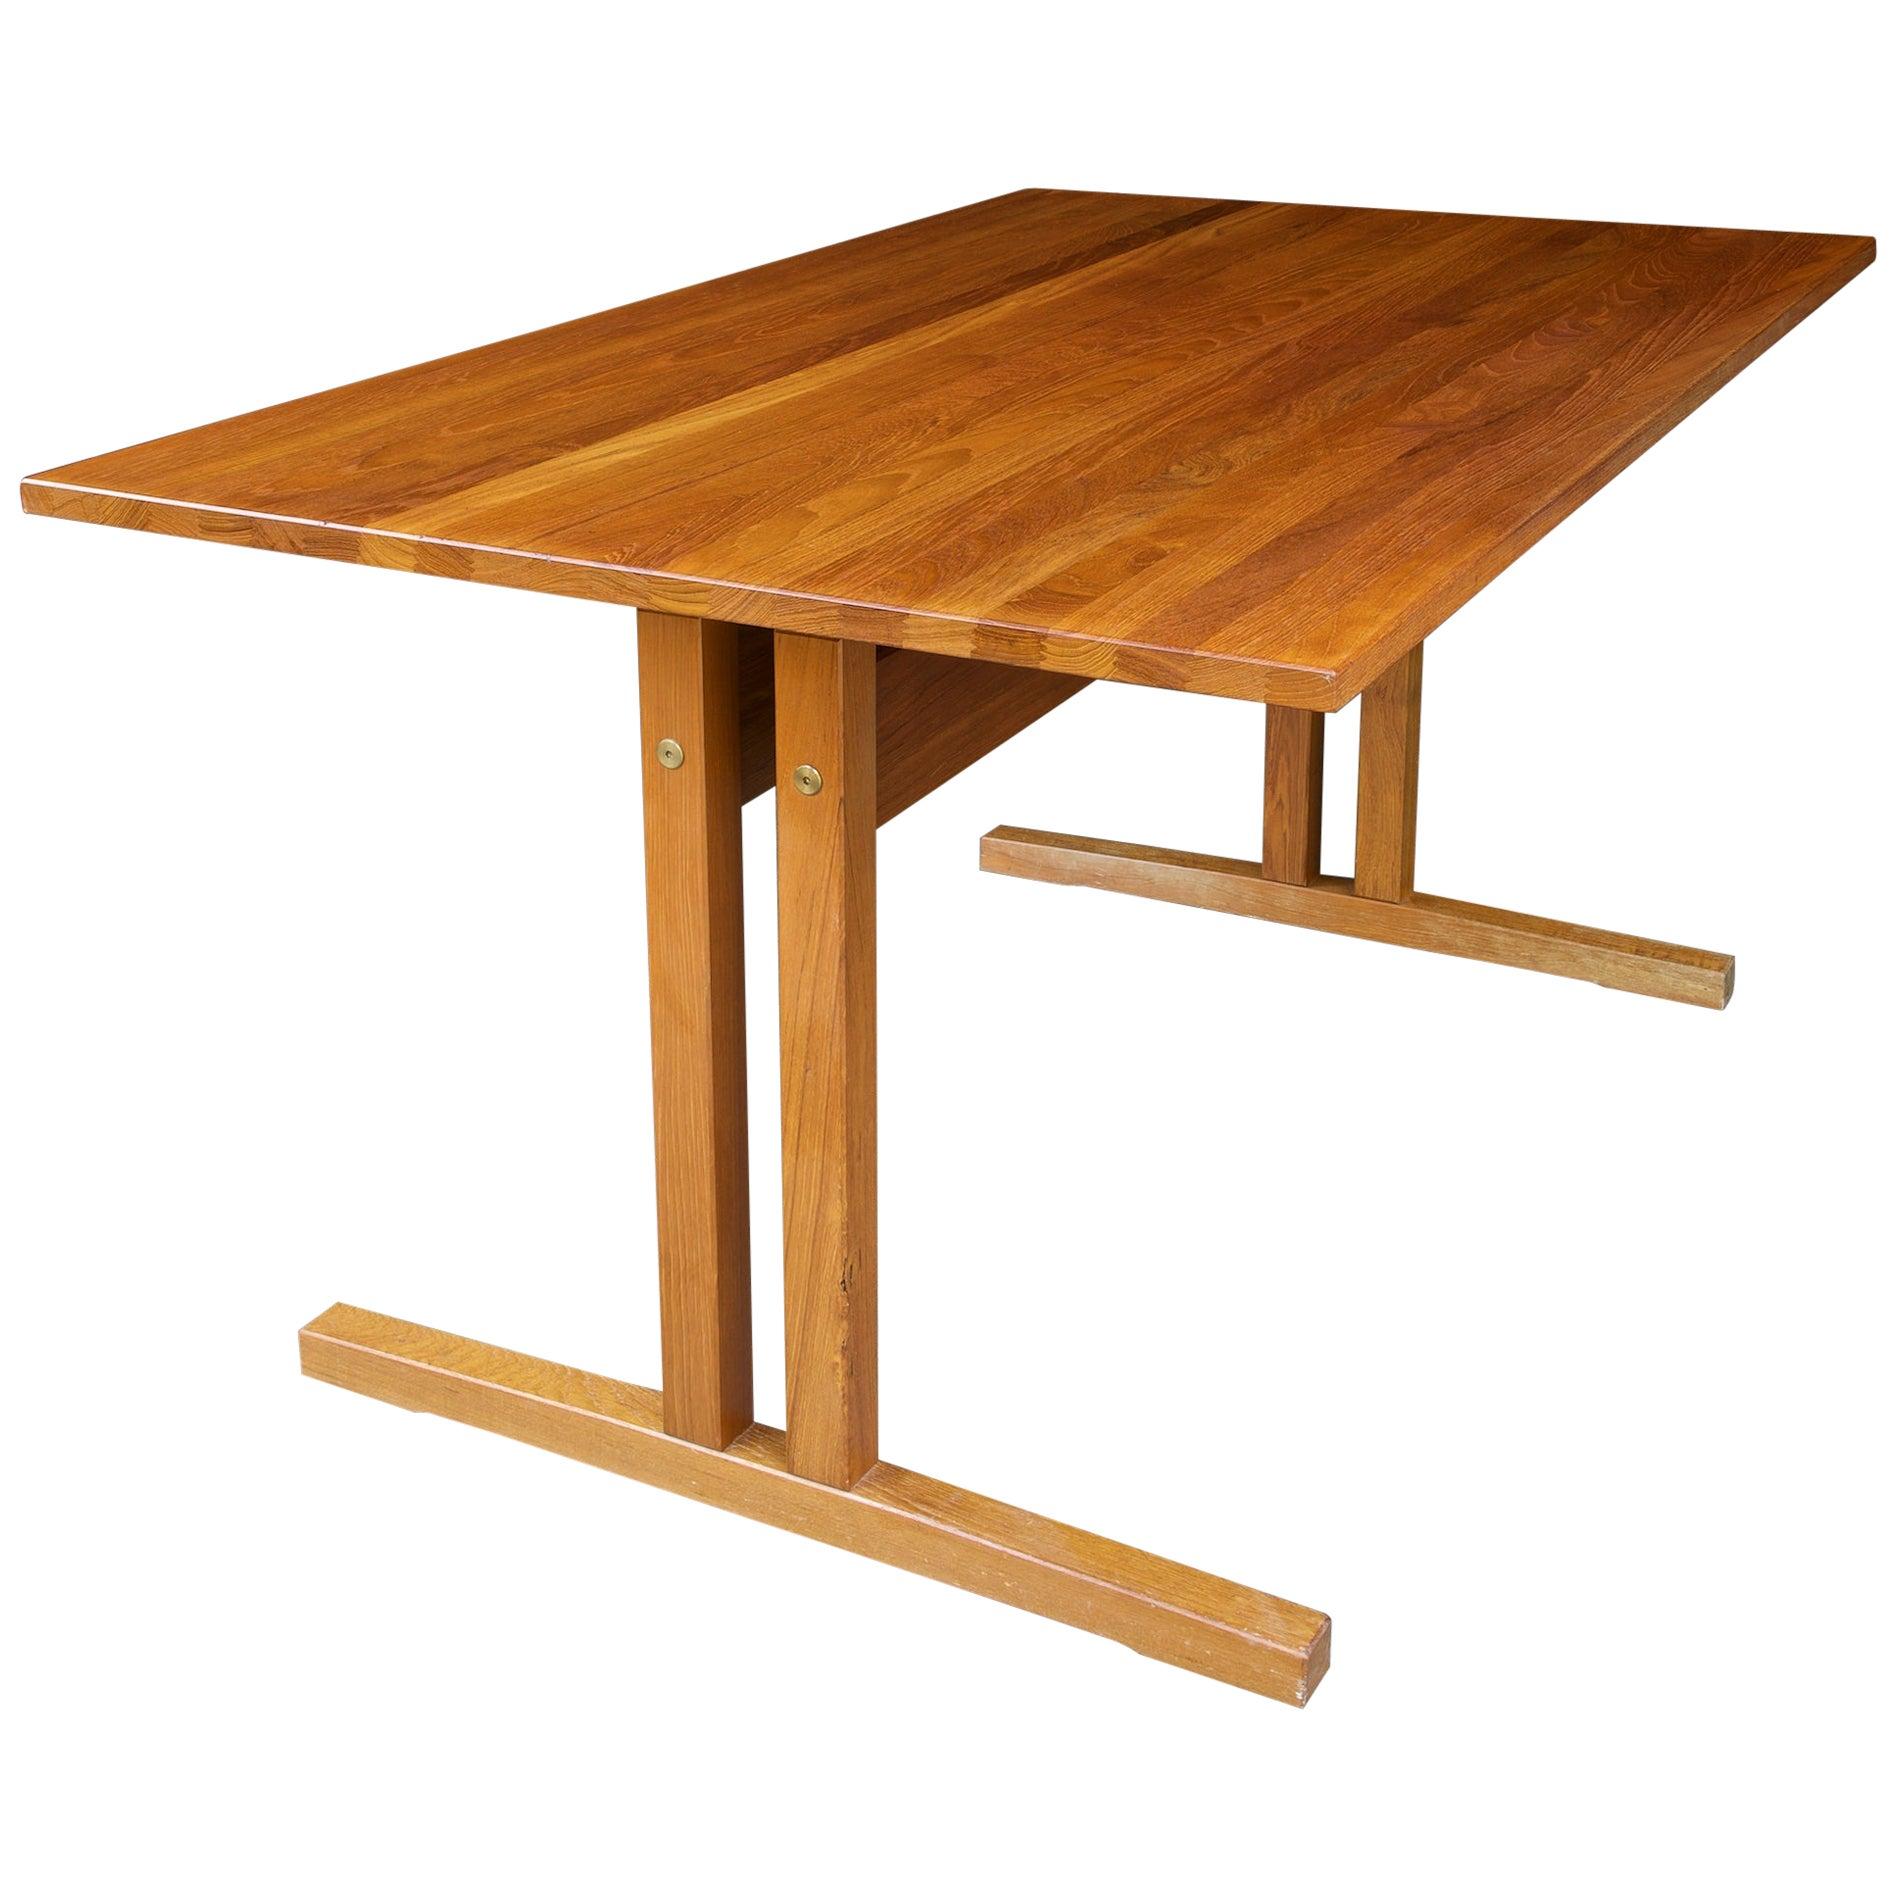 1960s Danish Solid Teak Shaker Desk Work Table Scandinavian Moller Perriand